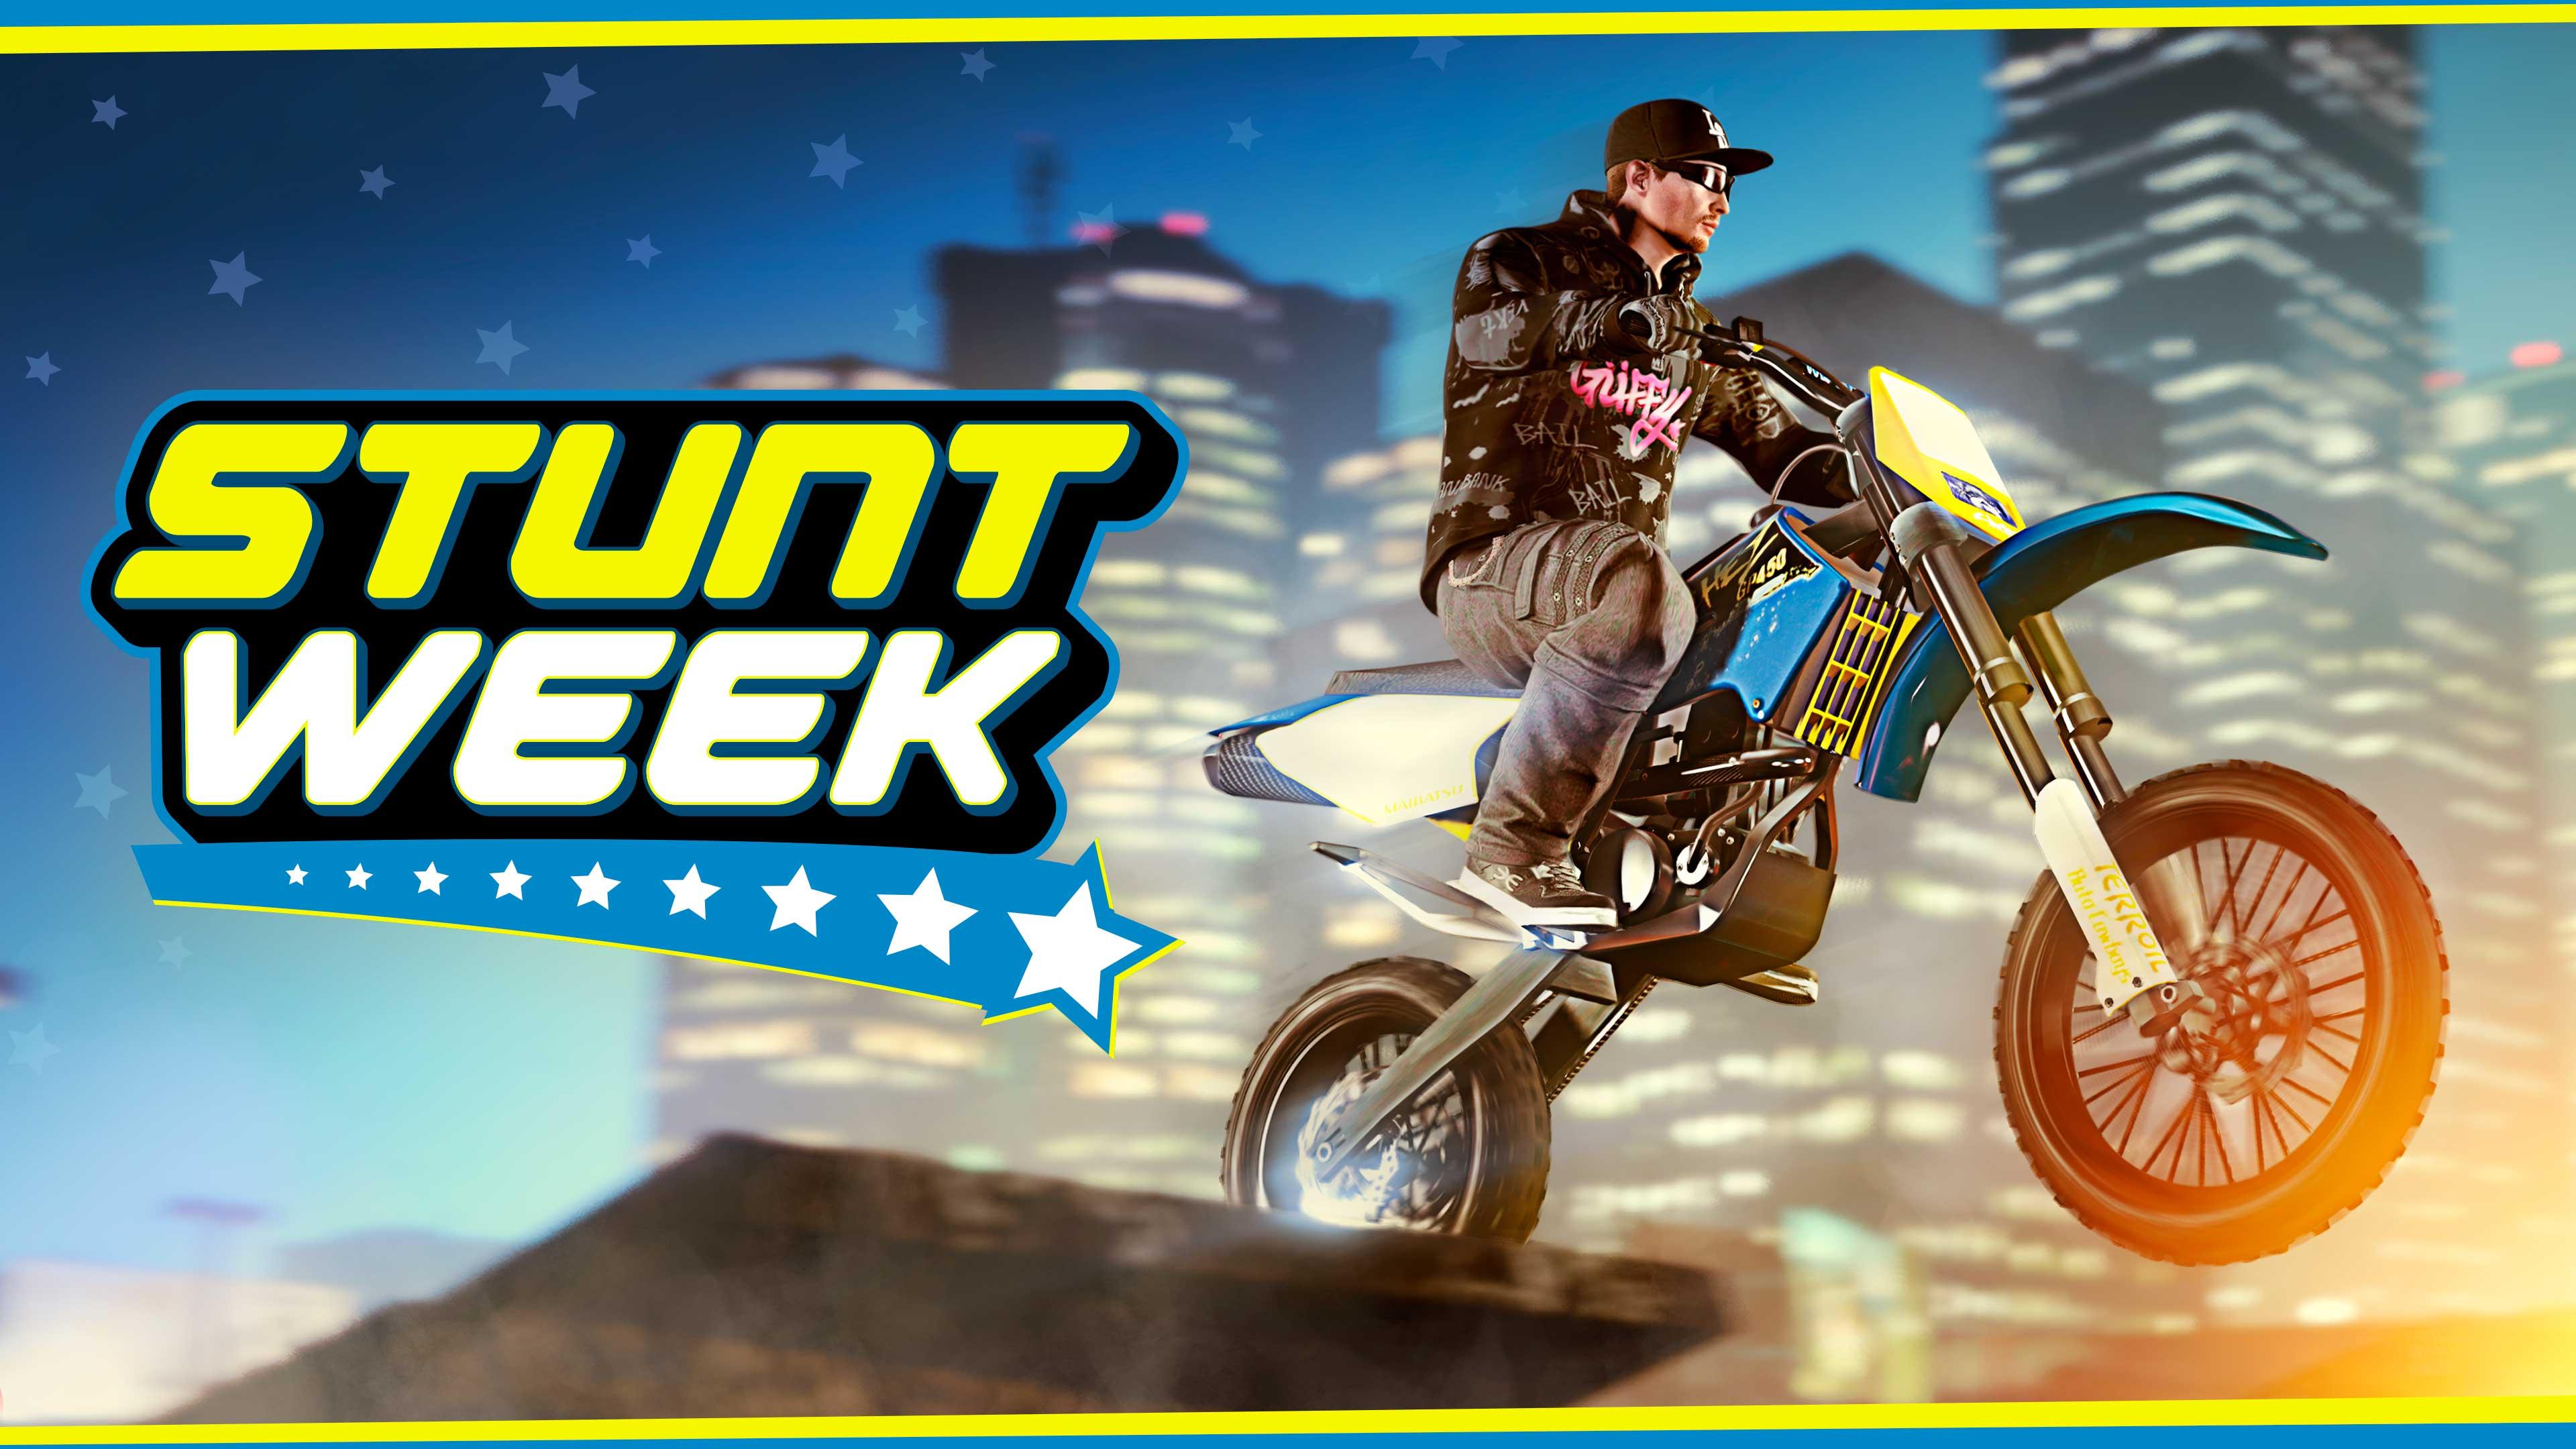 GTA Online: 500.000 GTA$ Bonus für das Absolvieren von fünf beliebigen Monster-Stunts bis zum 07. April